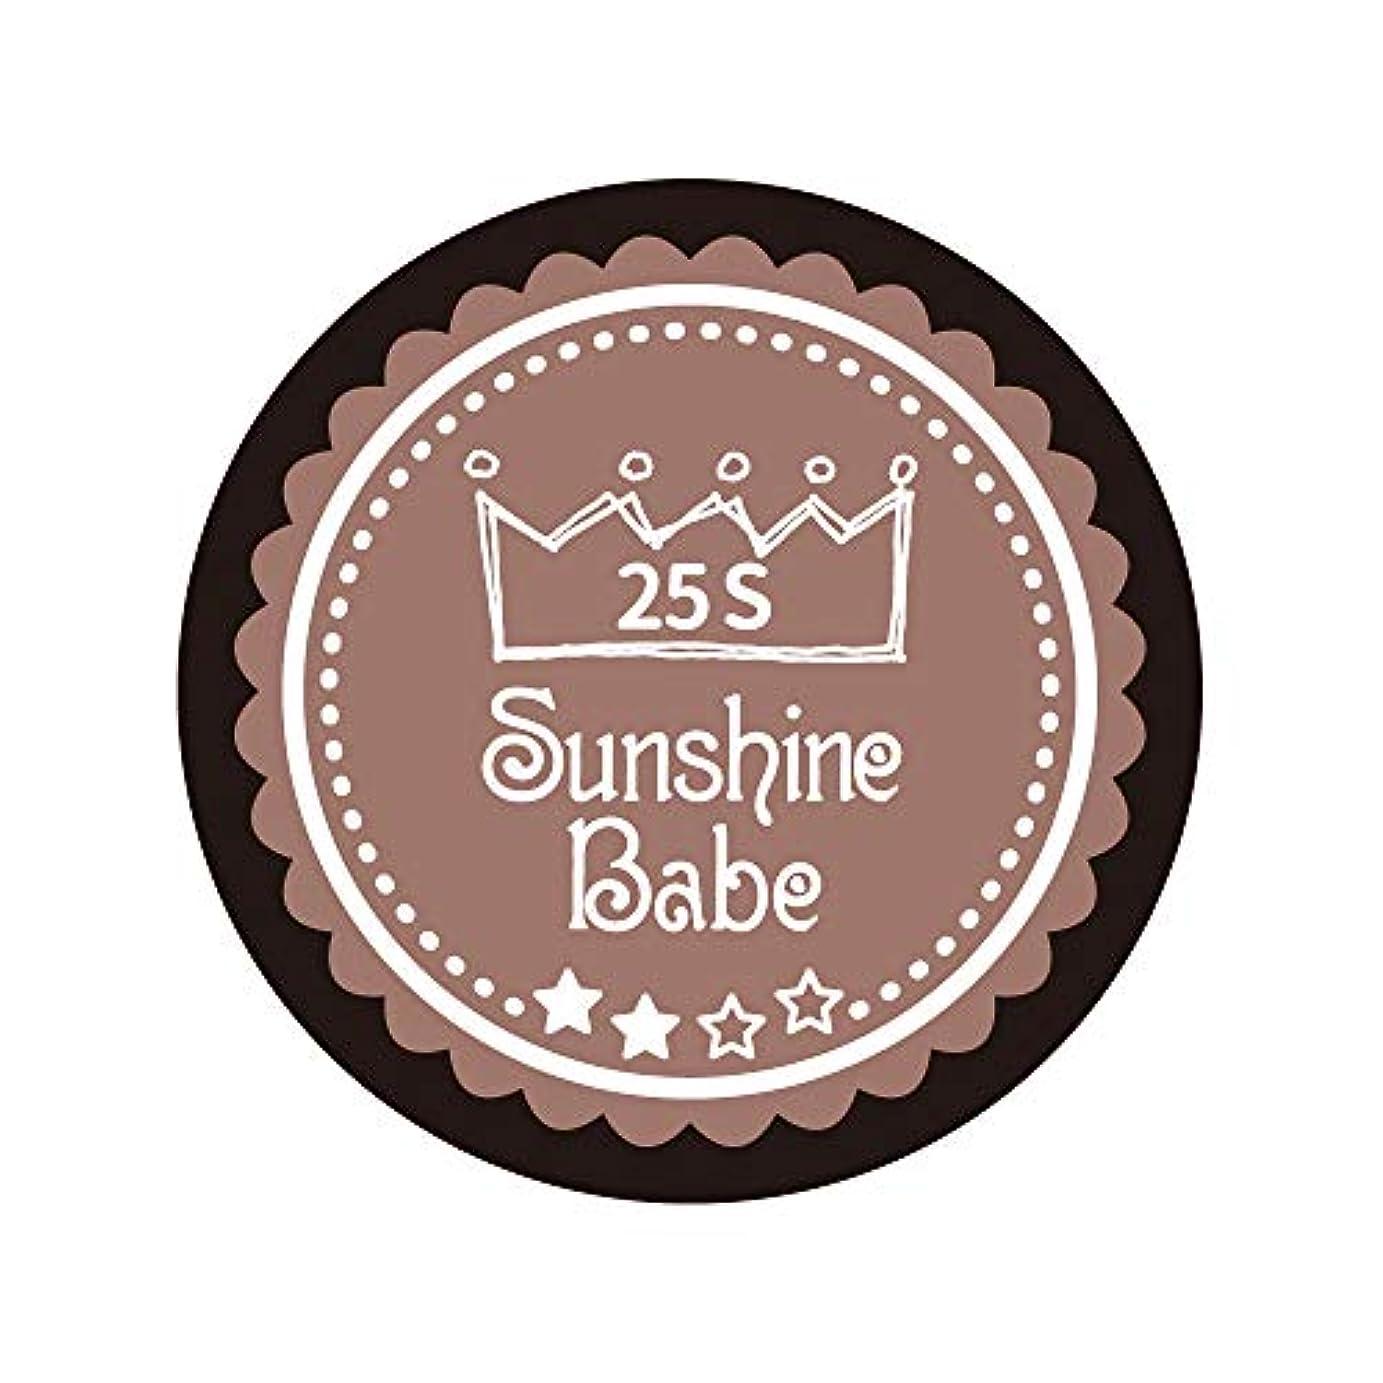 暗殺する暗殺する存在Sunshine Babe カラージェル 25S ミルキーココア 2.7g UV/LED対応